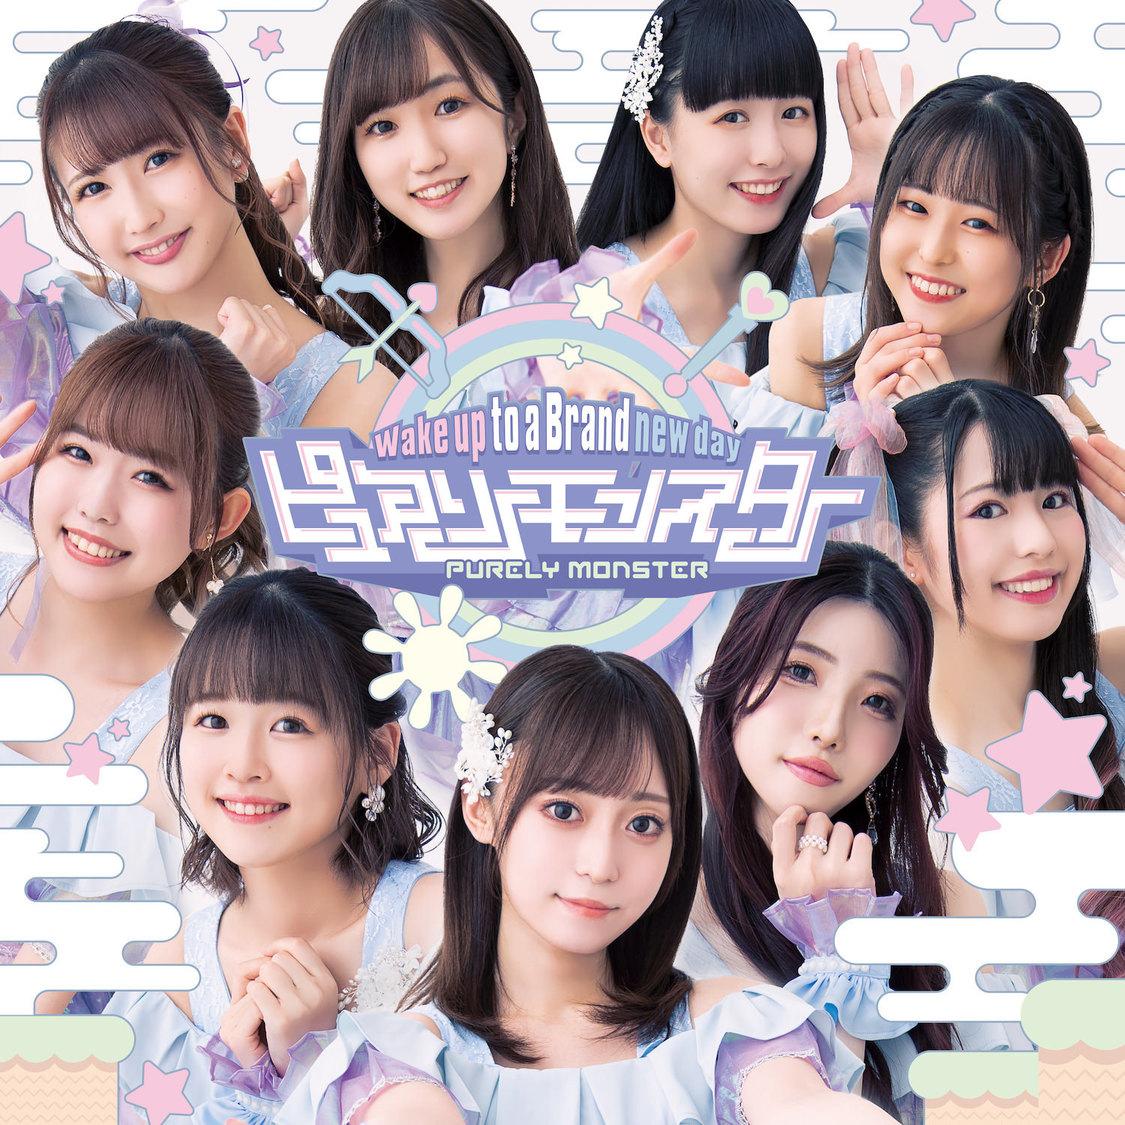 ピュアリーモンスター5thシングル「Wake up to a Brand new day」DVD付盤